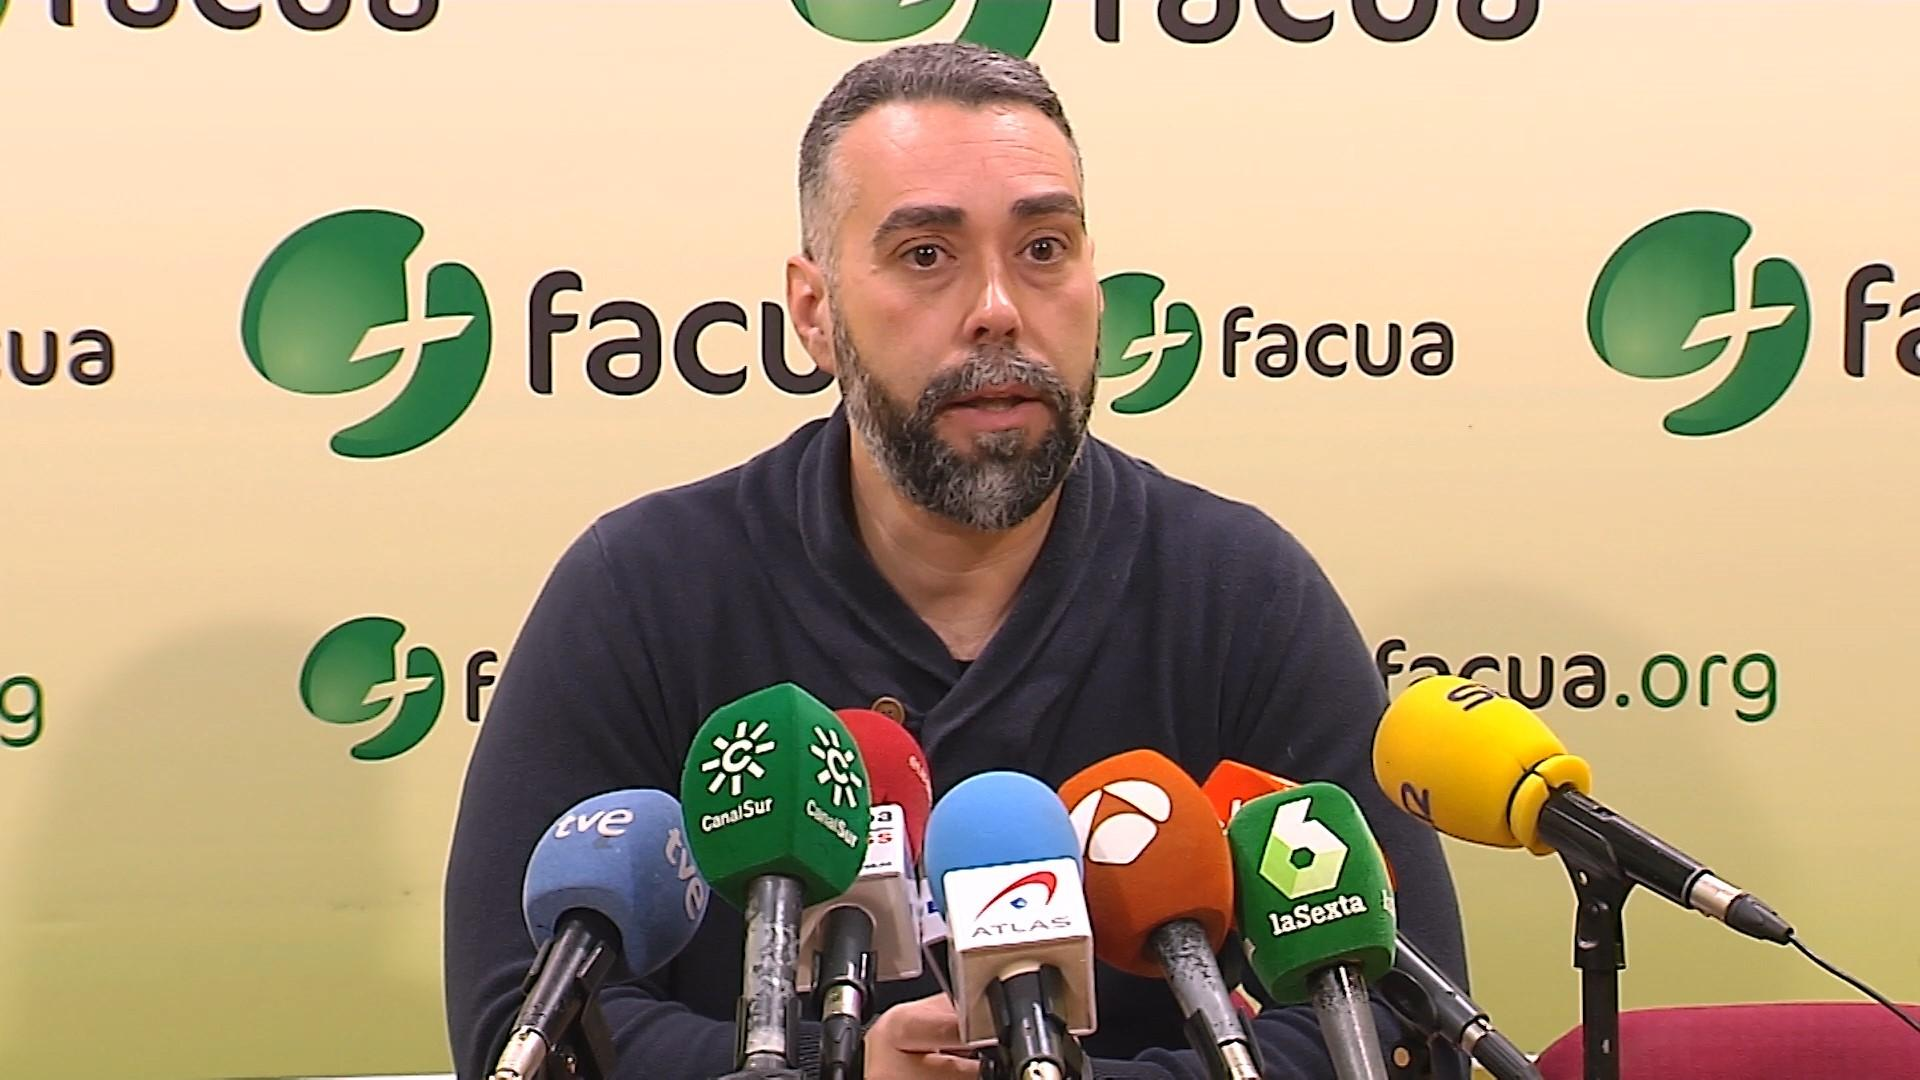 El portavoz de Facua Consumidores en Acción Rubén Sánchez durante una rueda de prensa. EP